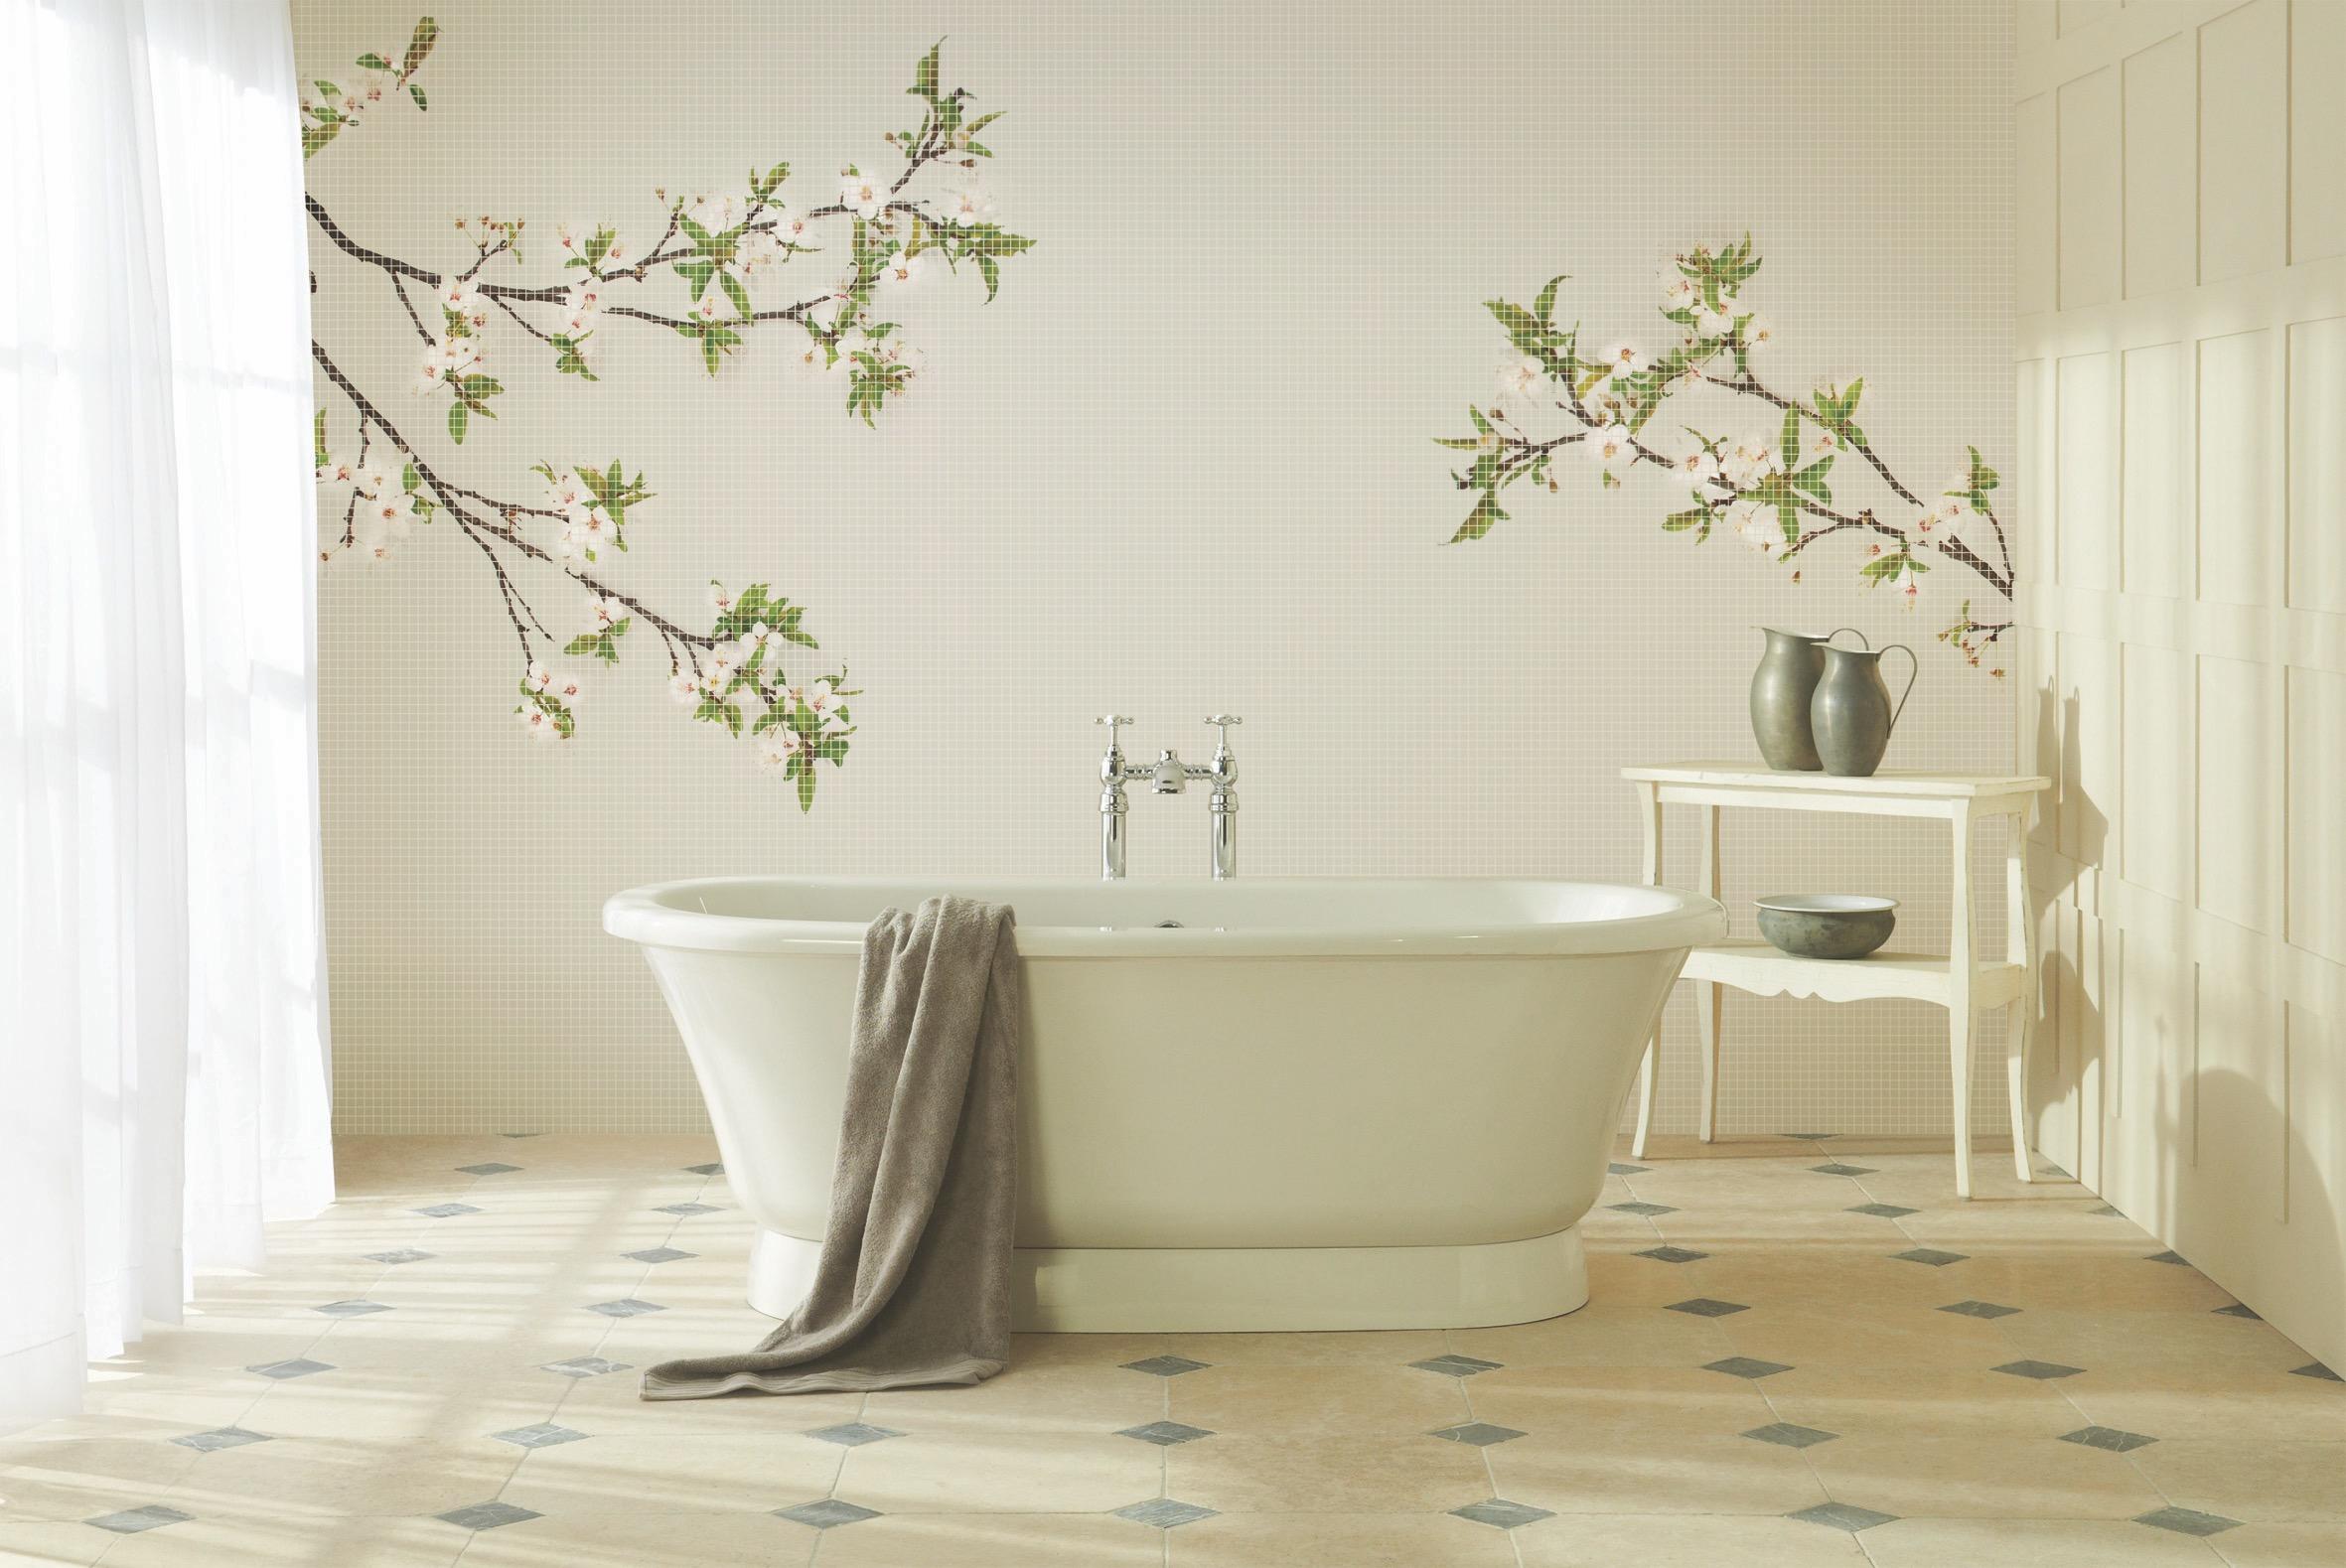 Original Style_Mosaics_Blossom .jpgOriginal Style_Mosaics_Blossom.jpg